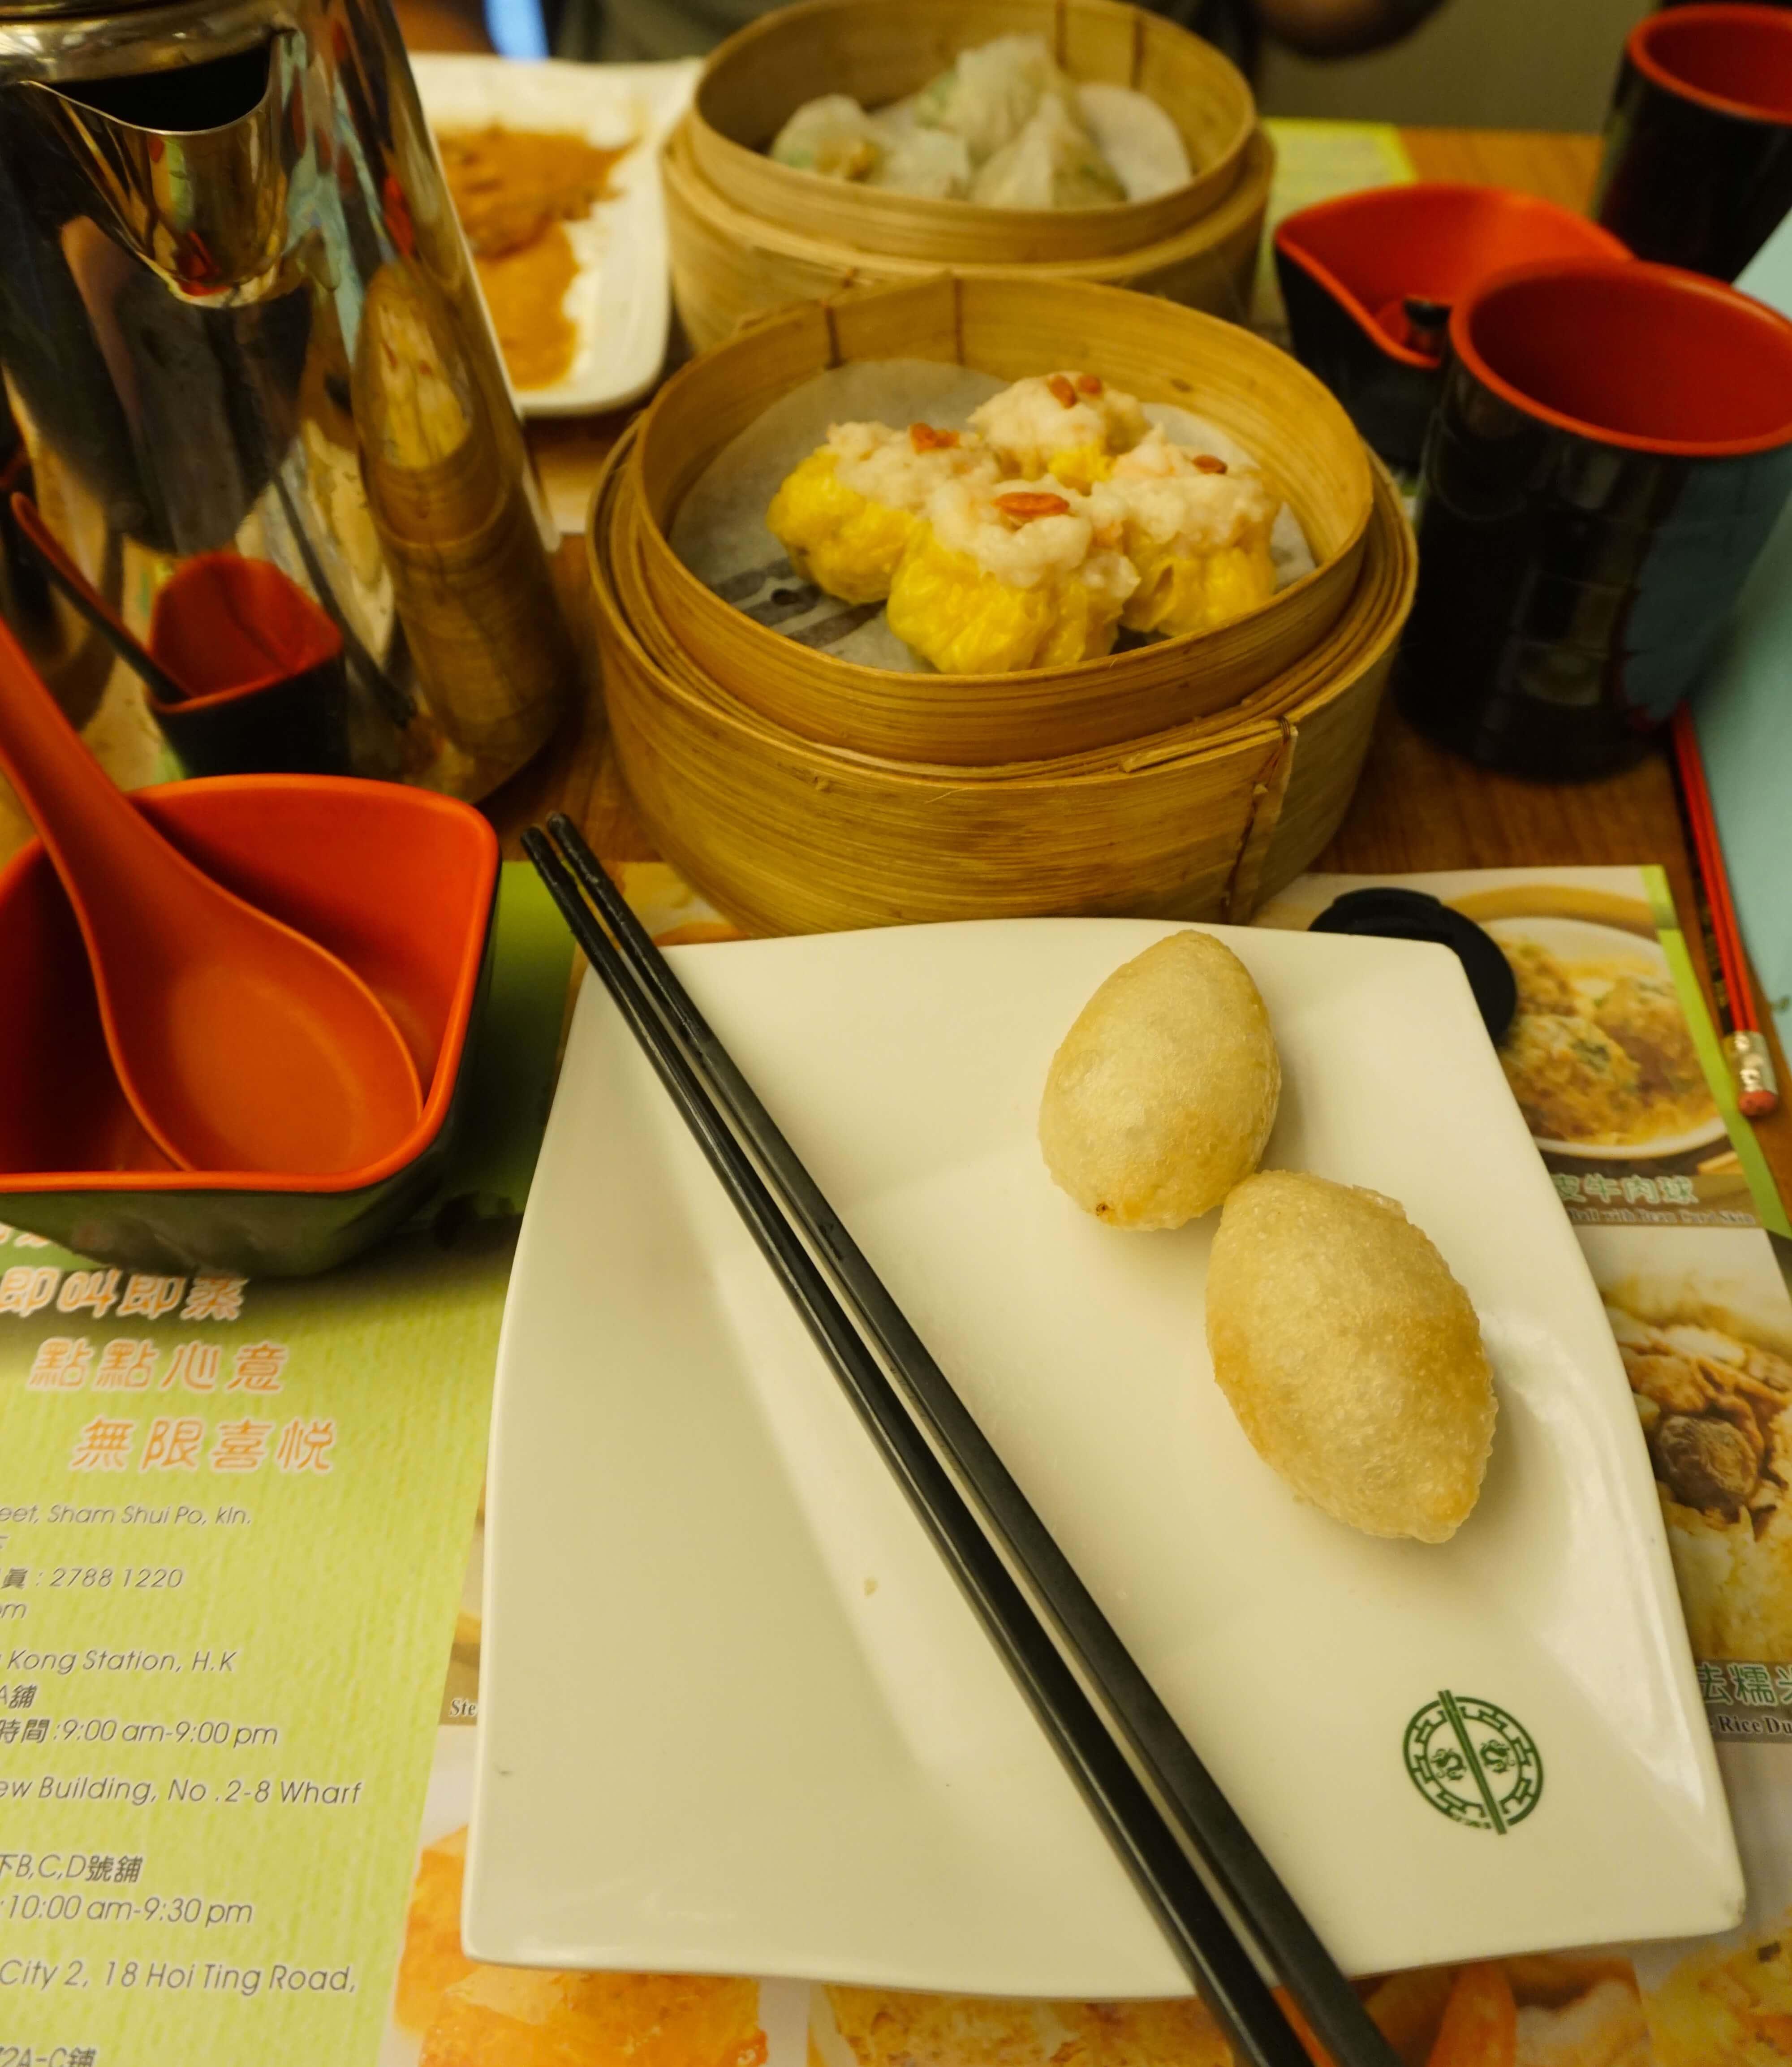 Delicious Dim Sum lunch